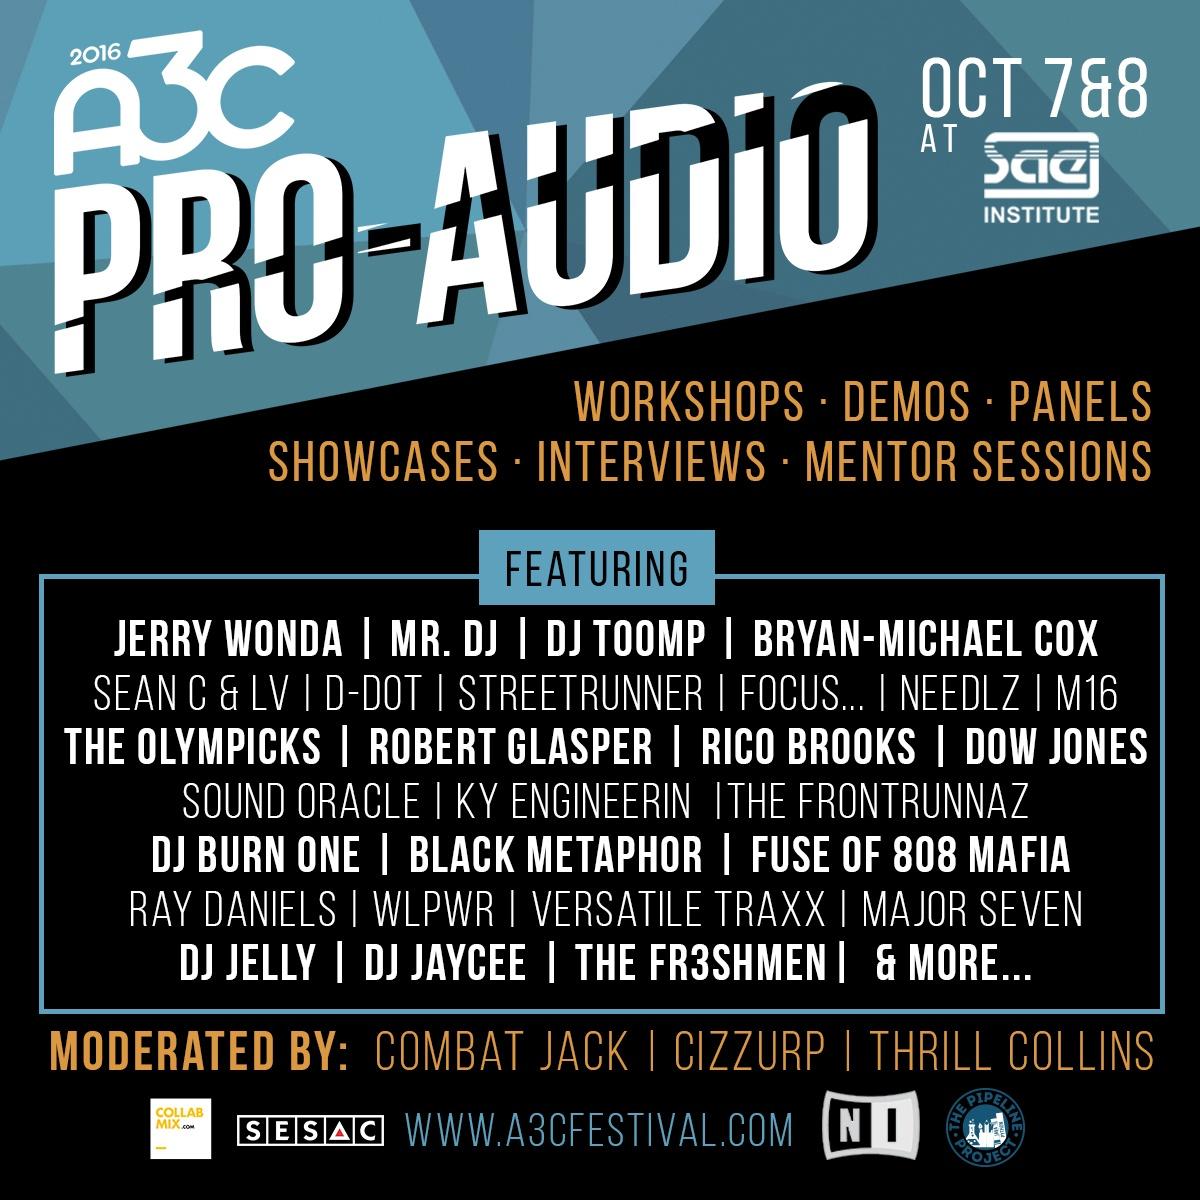 2016-pro-audio-full-flyer.jpg